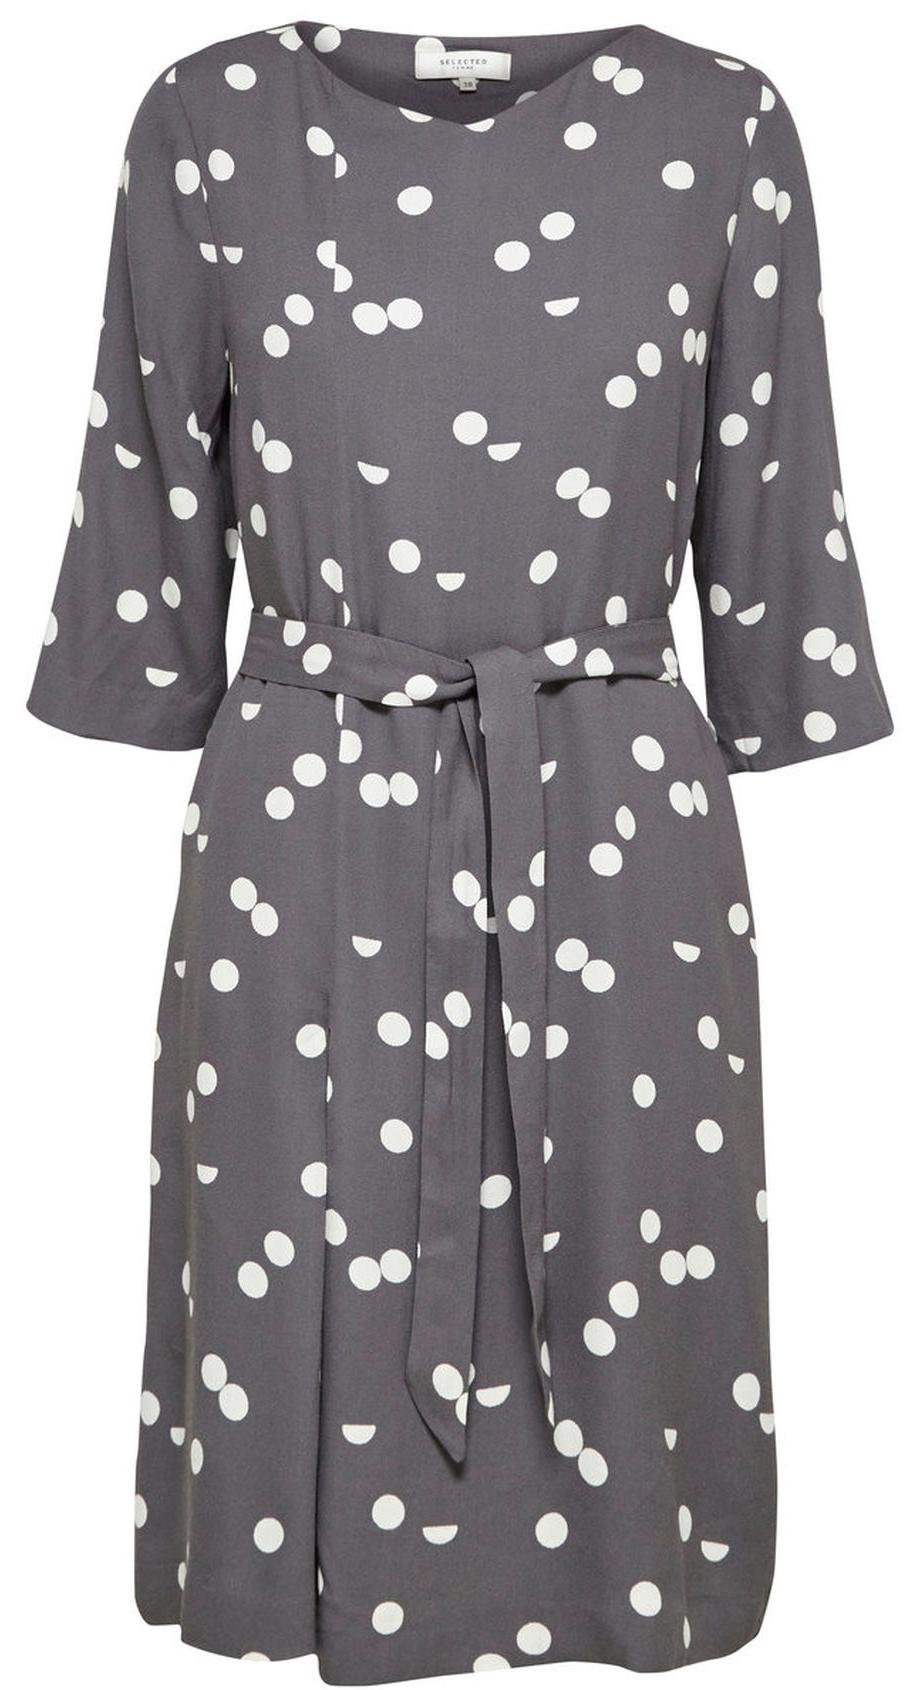 Платье16053623_Dark SapphireСтильное платье Selected Femme выполнено из 100% вискозы, подкладка из 100% полиэстера. Модель с короткими рукавами и V-образным вырезом горловины. Модель дополнена съемным поясом.